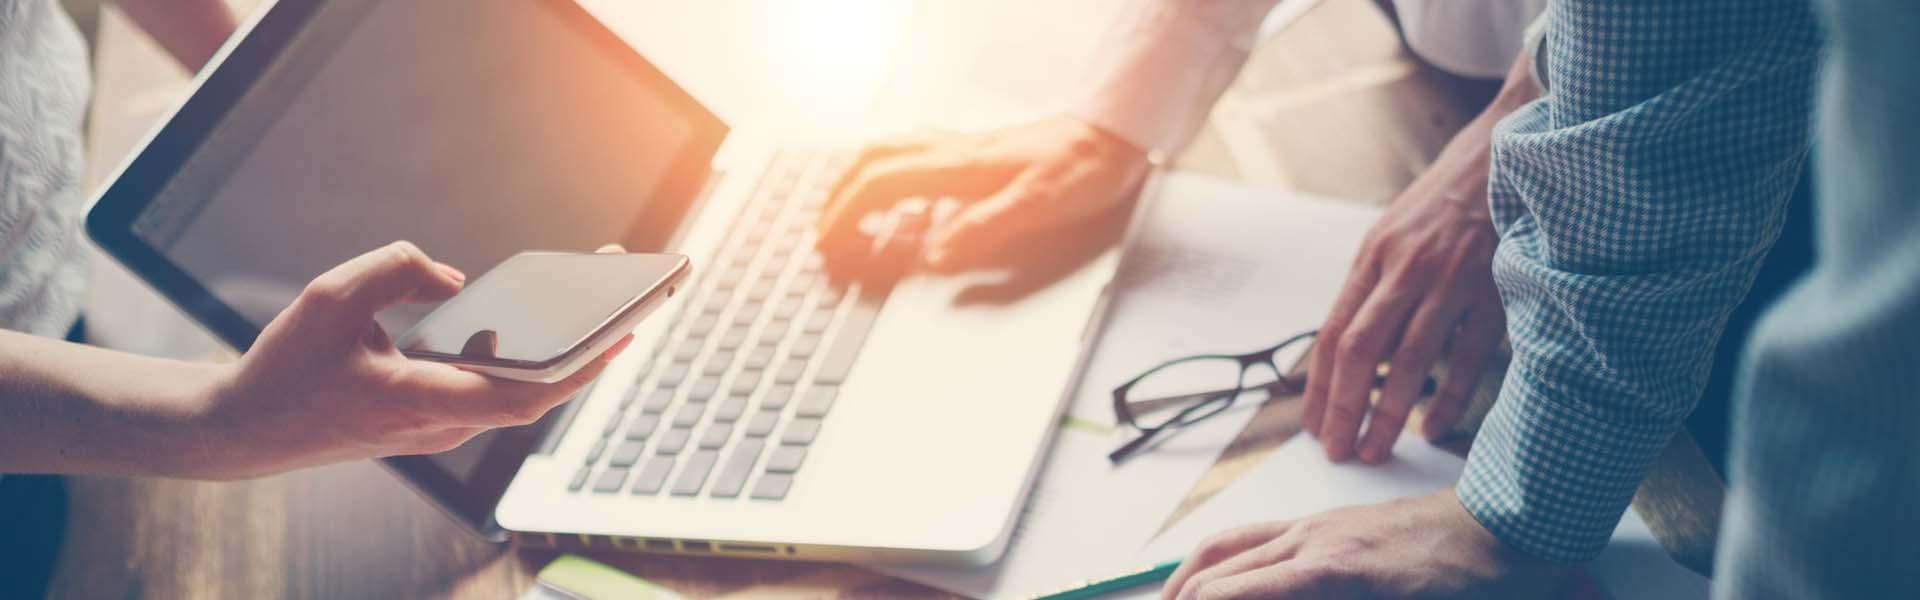 Externe Marketingbetreuung für Unternehmen